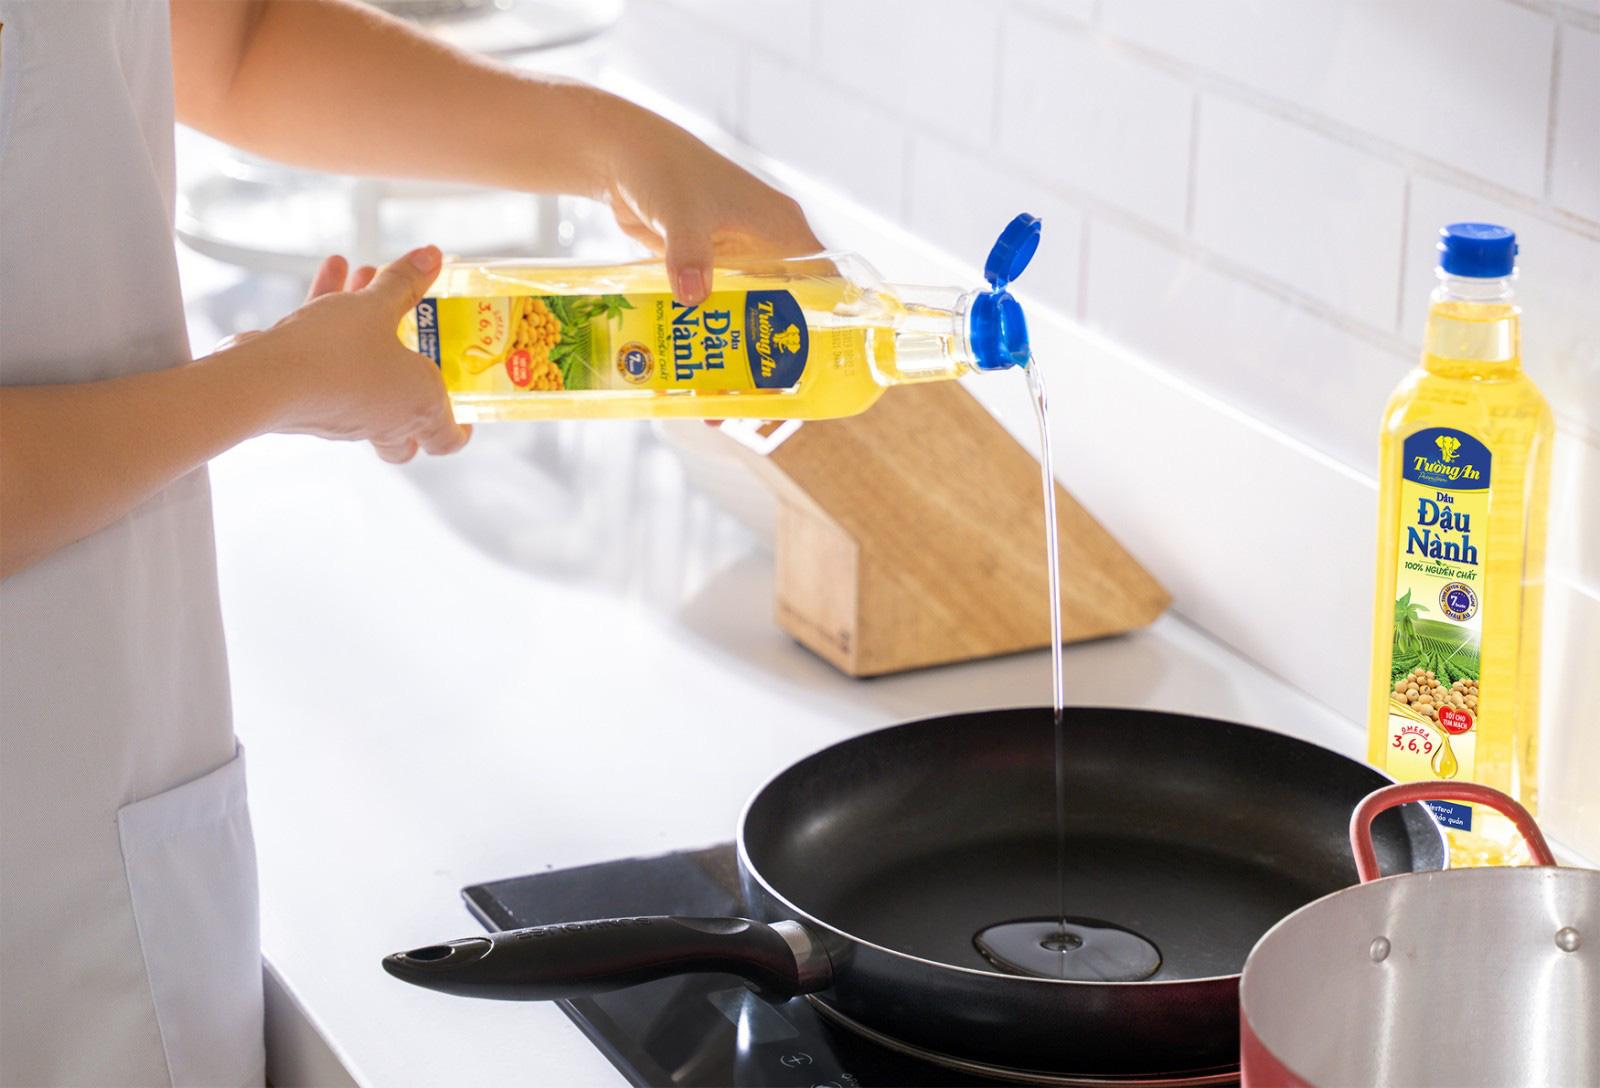 Thời đại công nghệ - Chọn dầu ăn cũng cần lấy công nghệ làm đầu để bảo đảm sức khỏe gia đình - Ảnh 1.